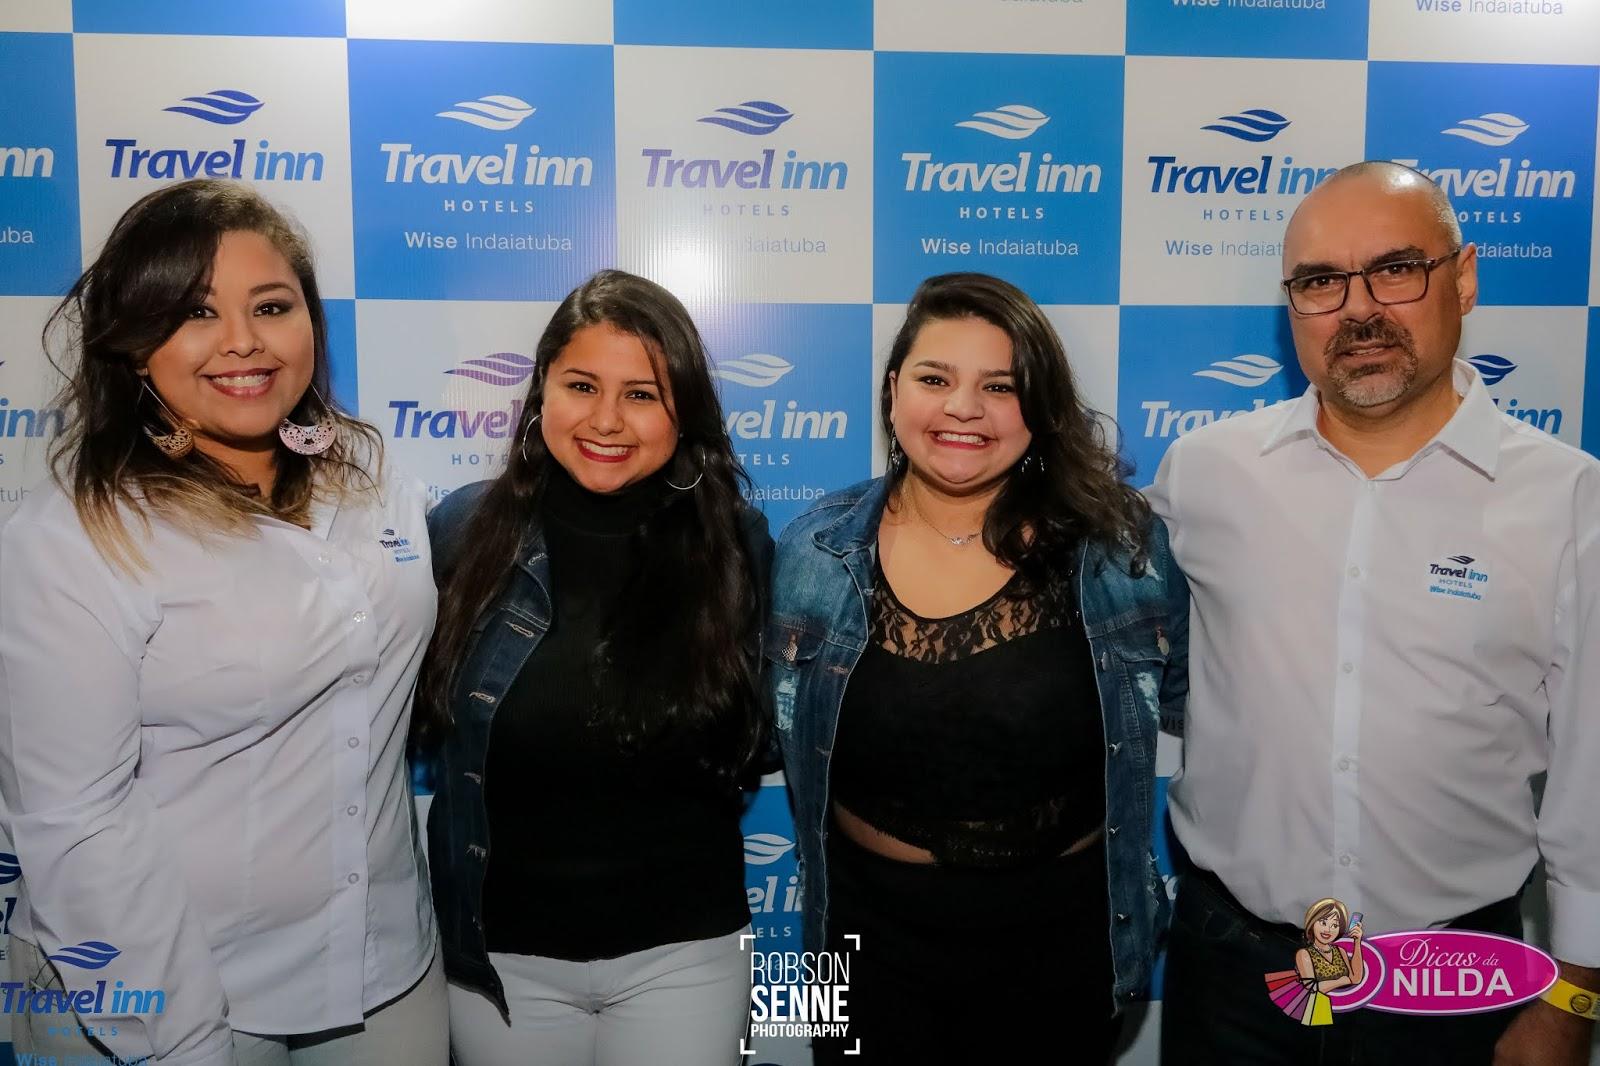 c827498ce A Natiele Dias e o Marcio Ferreira do Travel Inn wise Indaiatuba,  recepcionaram os convidados durante as 3 (três) noites.